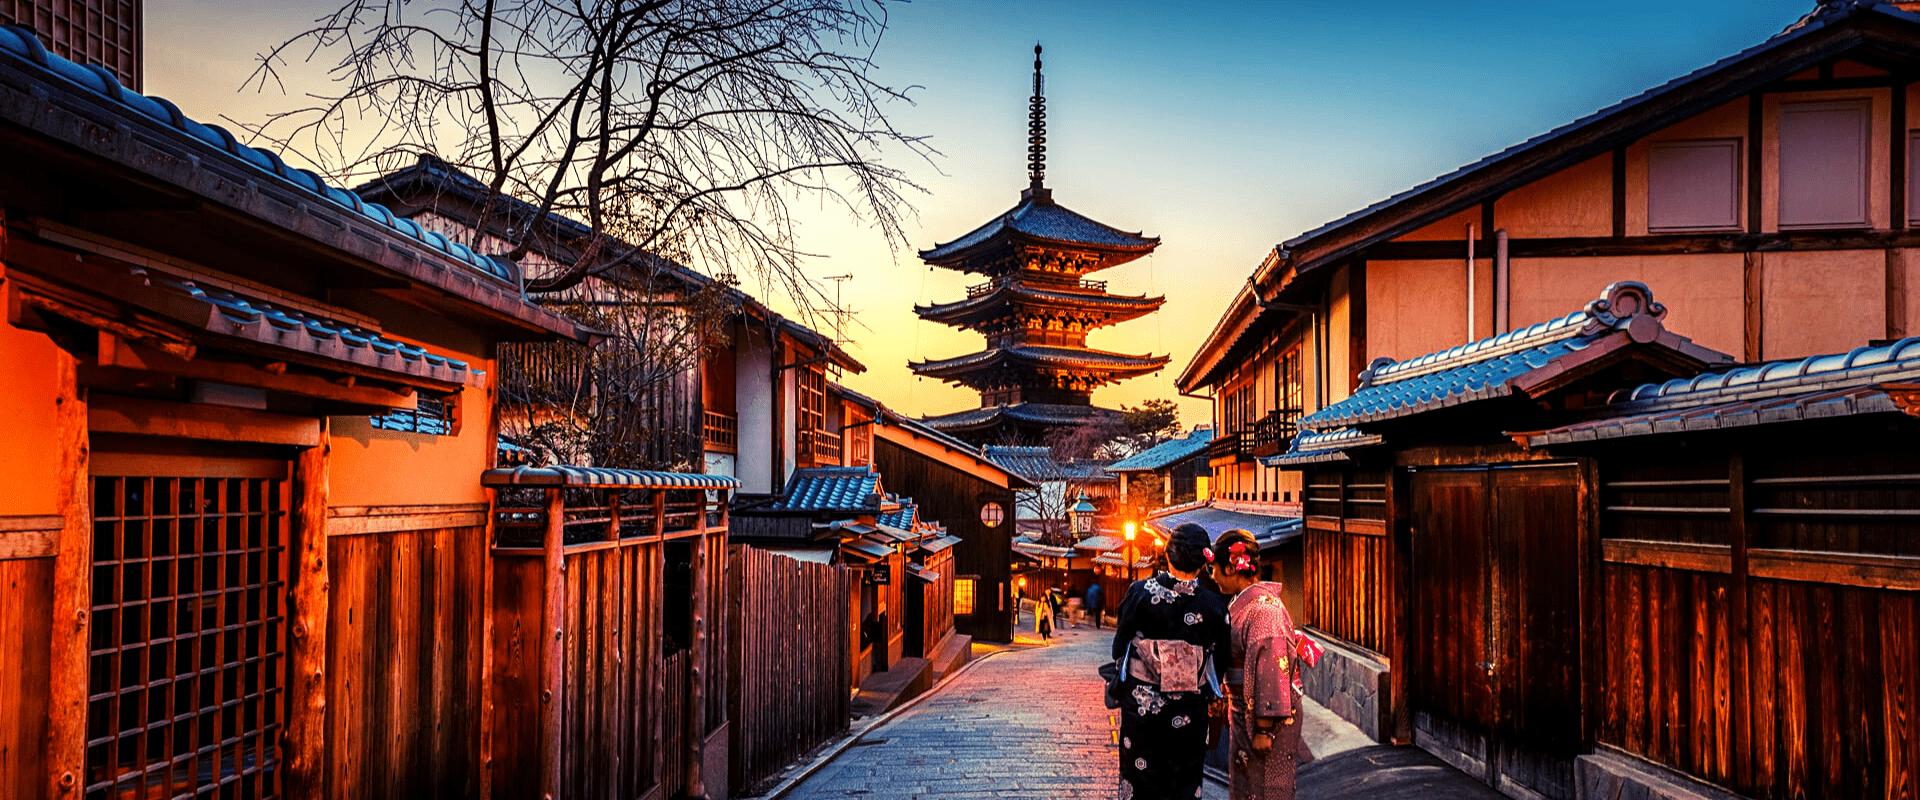 Grand Opulent Japan Tour